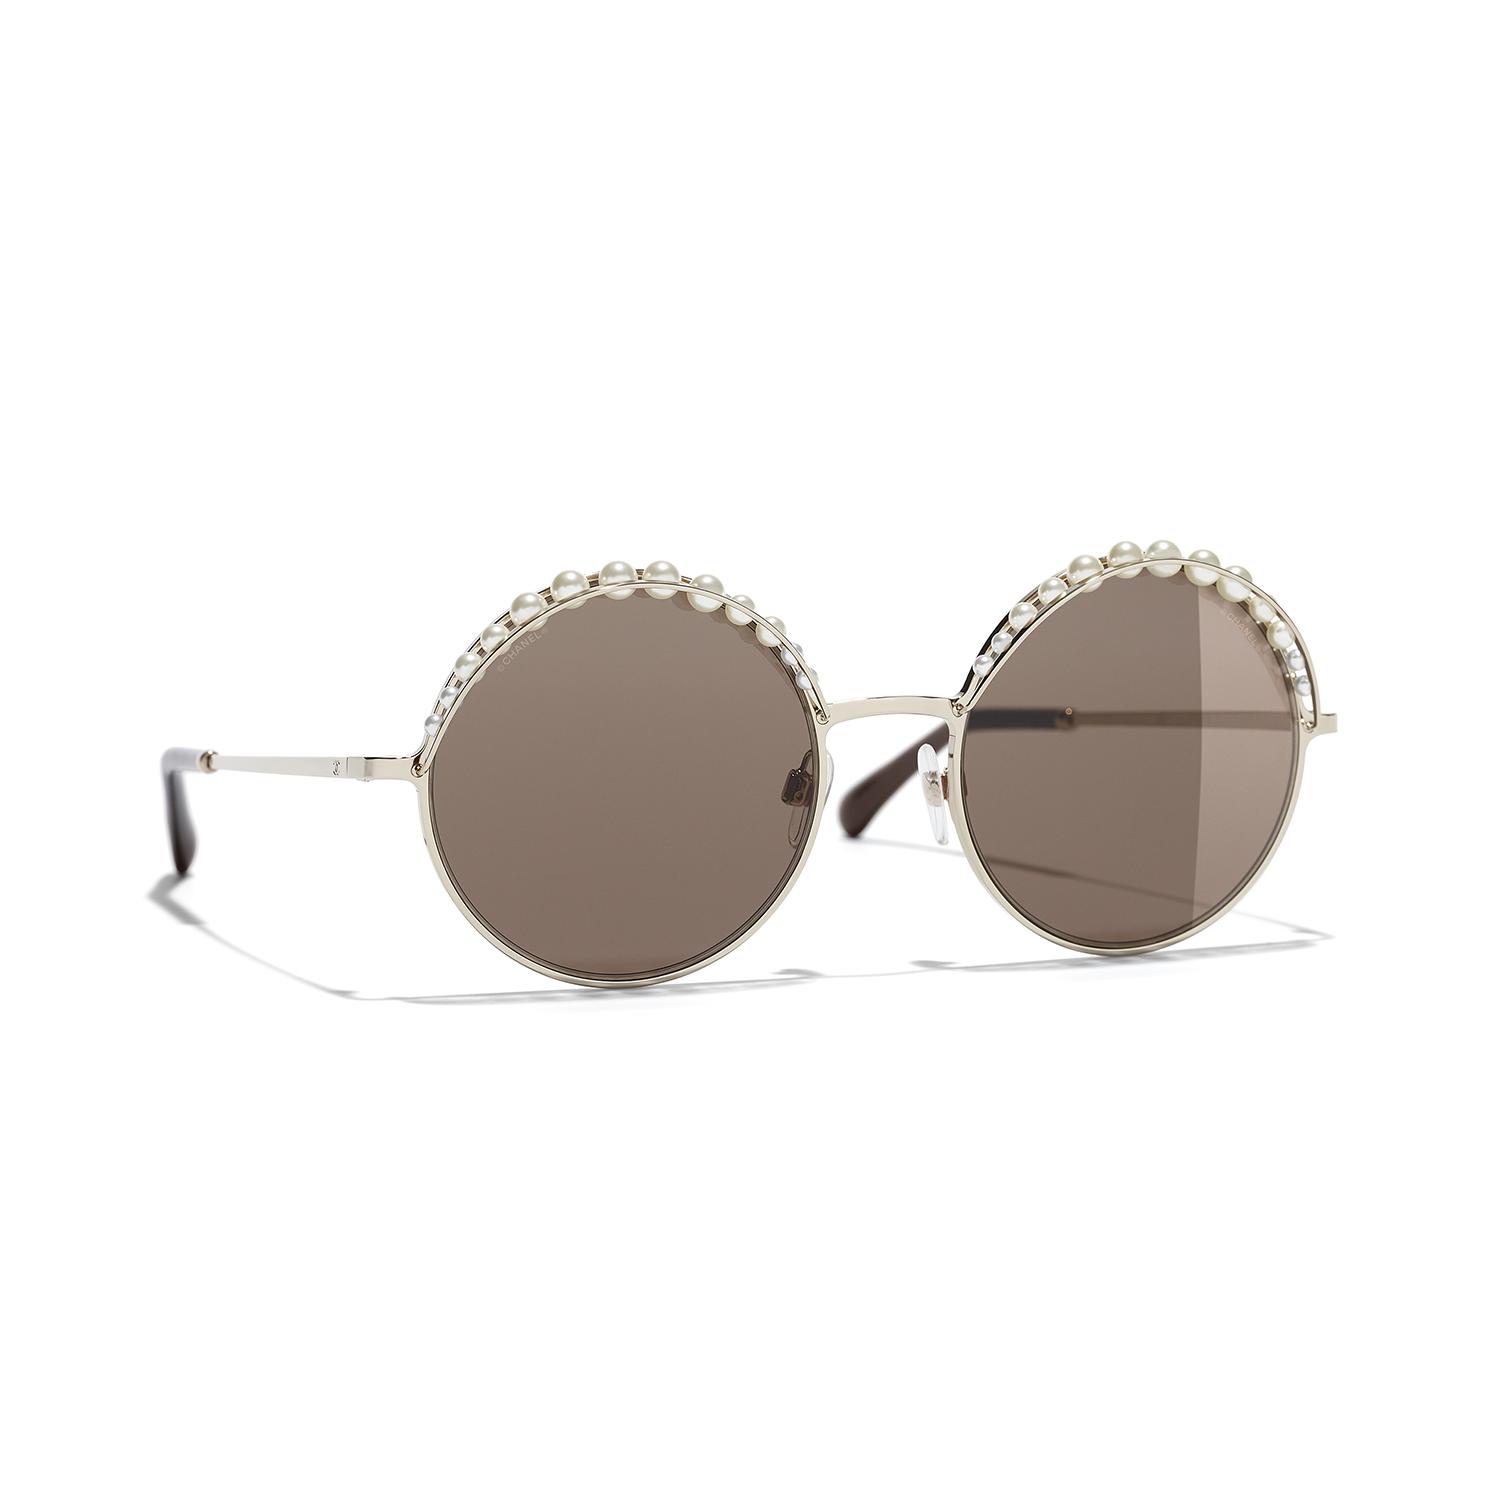 980ac25251 Intrínseca a la historia de CHANEL, la perla es un elemento recurrente en  las colecciones de gafas de la casa. Esta temporada, se presta a nuevas  fantasías.